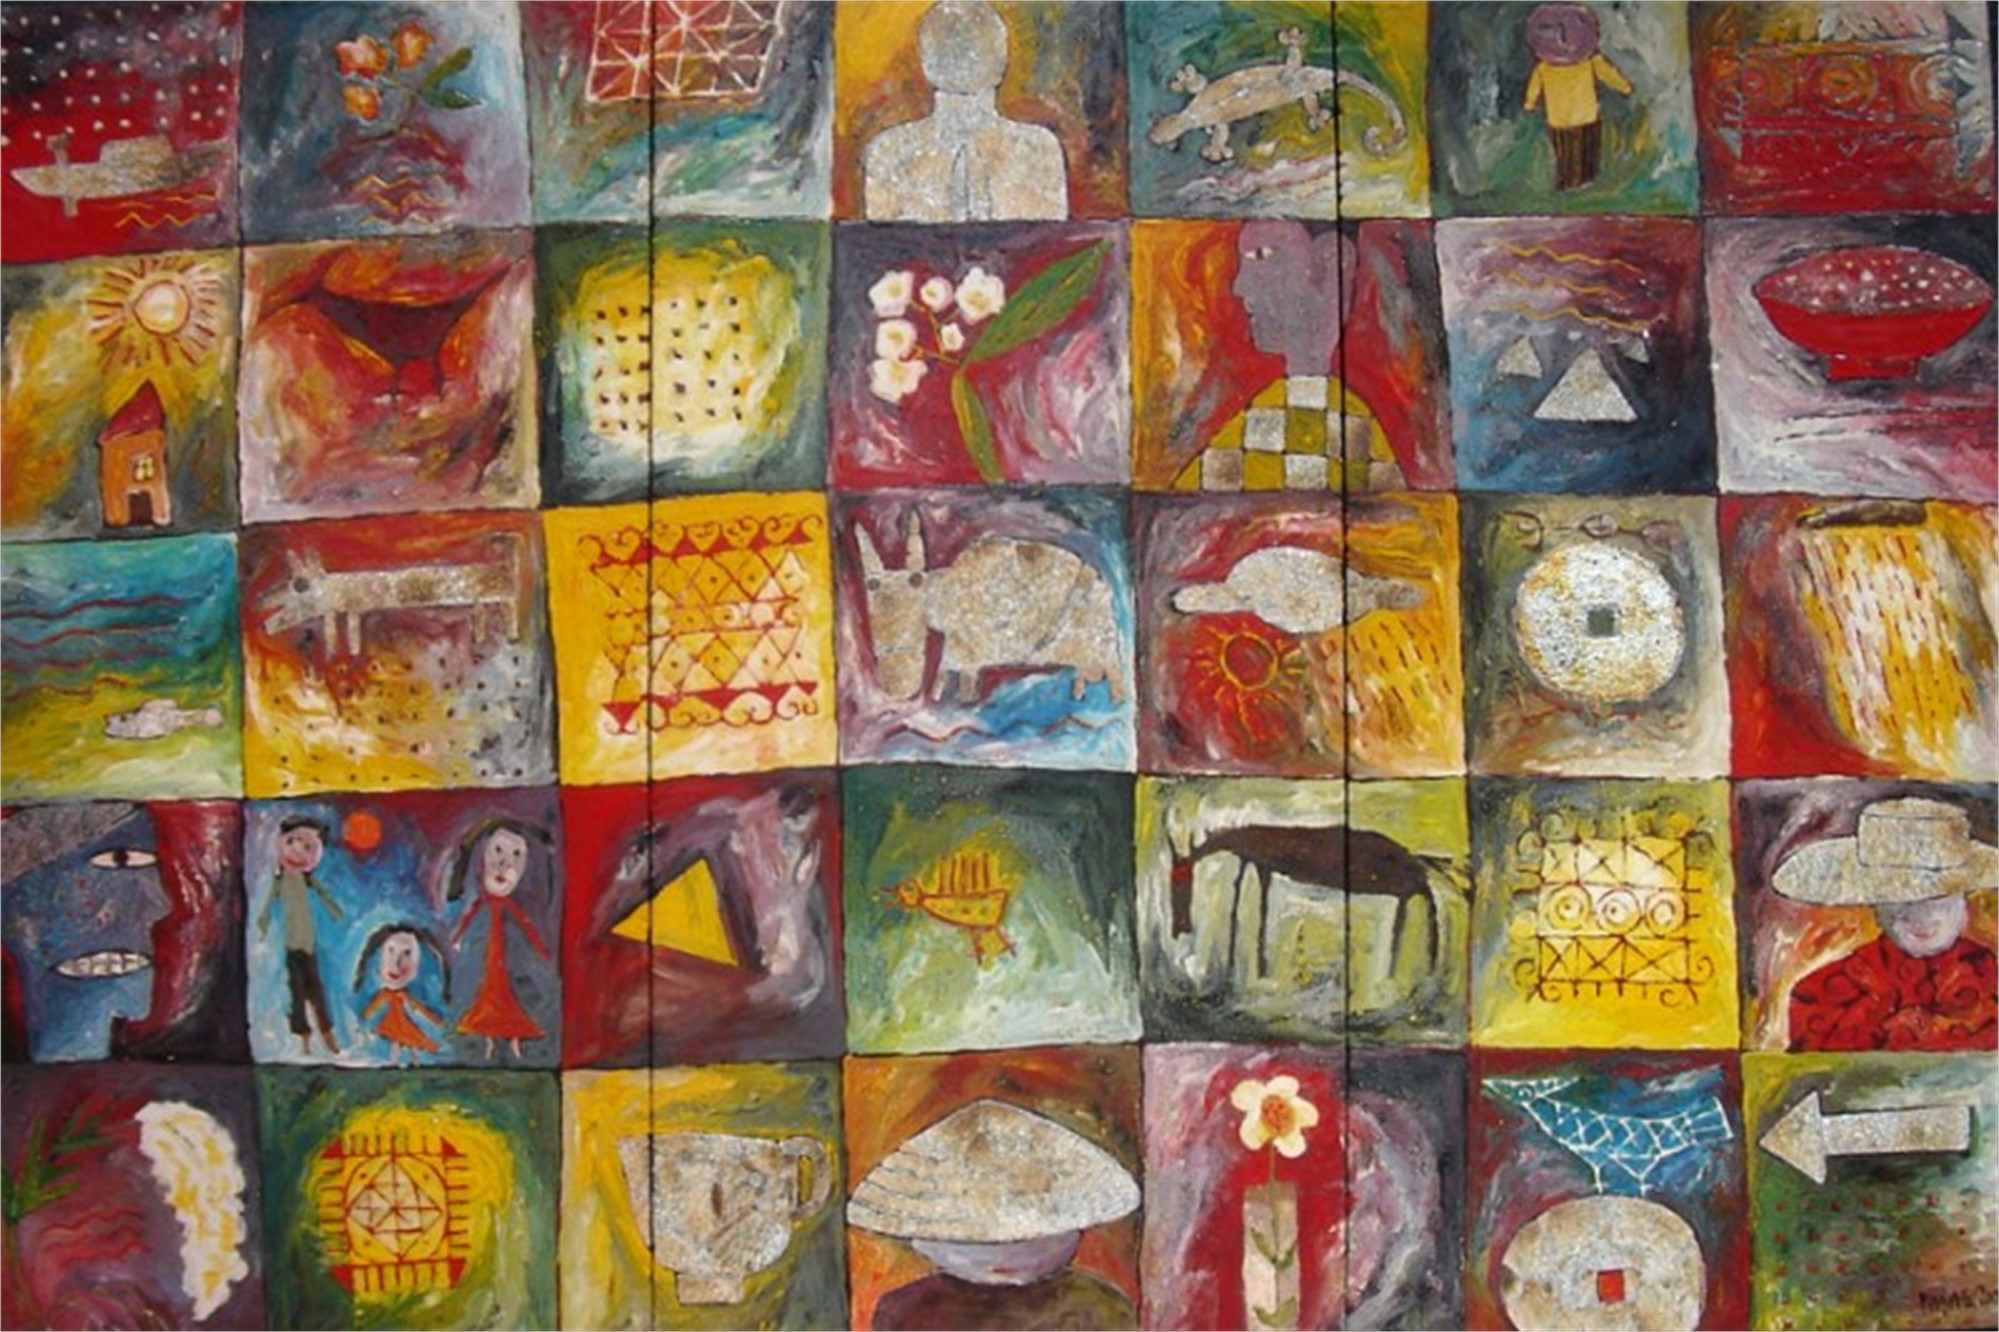 Cycle of Life V by Hoang Thanh Vinh Phong